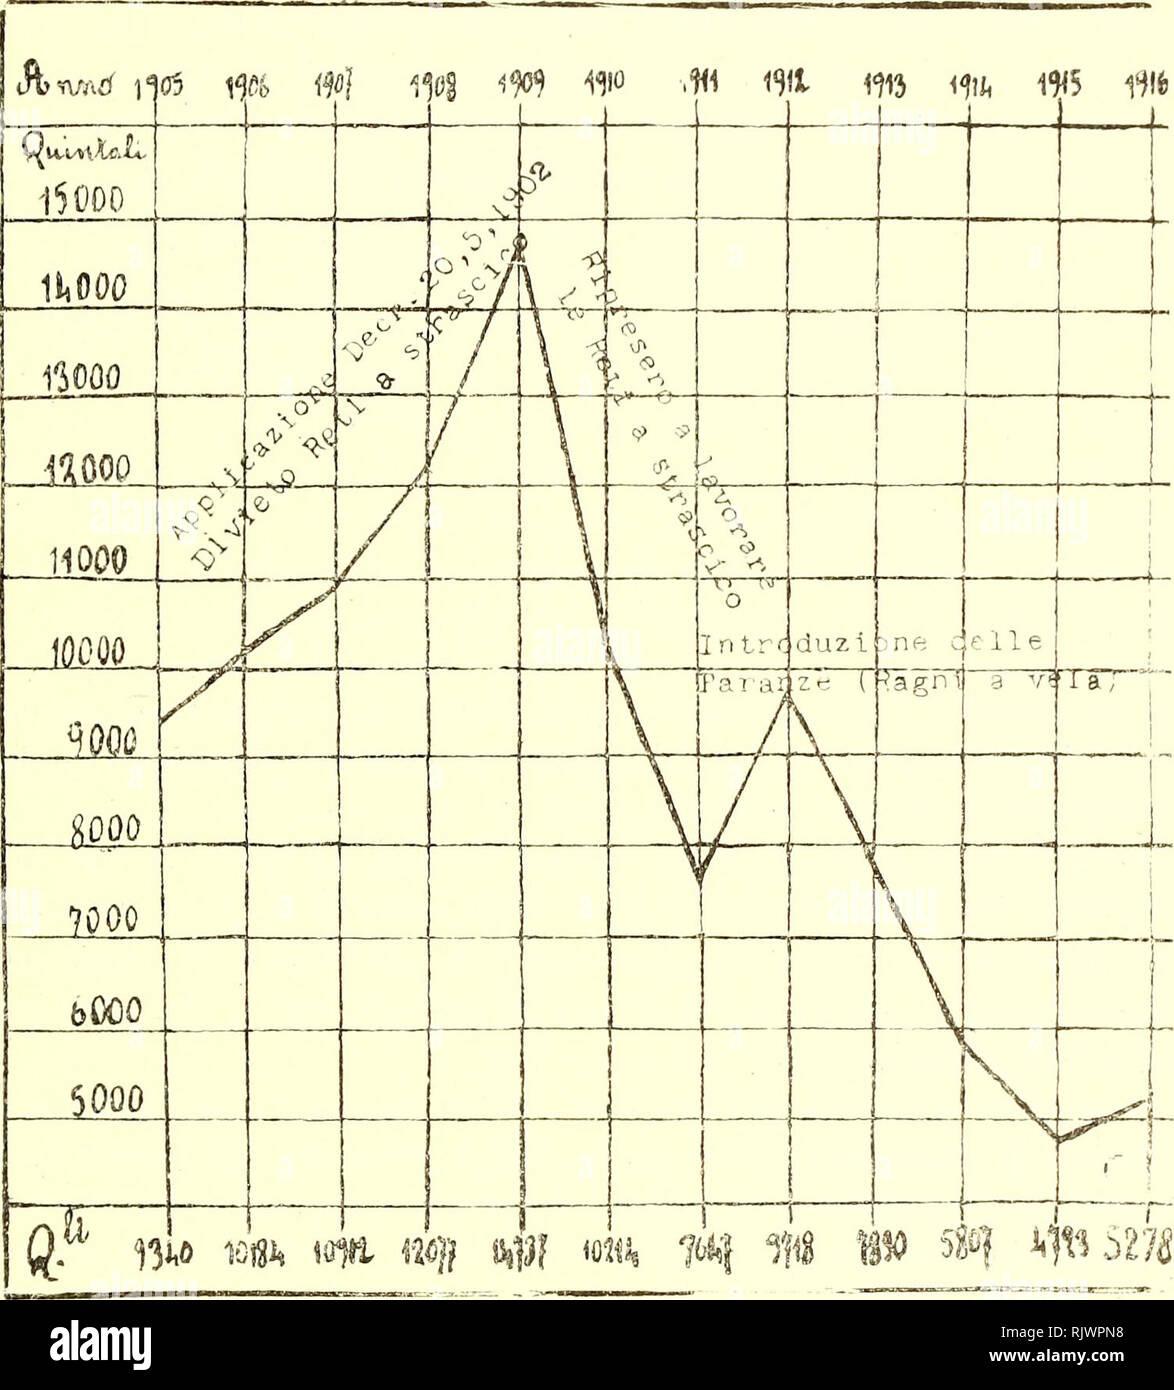 """. Gioenia Atti della Accademia di Scienze naturali en Catania. Historia natural. 7 di fatto che en detto- anno, mentre il prodotto di '2:i CI. scese un p. 3650, en confronto di O. 4179 avuti nel 1905, quello di la CI. sali a Q. 725, en confronto Q. 638 del 1905, e quello di 3a salì anche una O. 5S09, en confronto di O. 4523 dell'anno 1905. Grafico N. 3. """"Rappresentazione grafica del prodotto totale della pesca a Catania, nel dodicennio 1905-1916, secondo i dati rilevati dai Registri della Direzione del Dazio di consumo. I numeri al piede del grafico indicano il prodotto annuale, quelli di lato g Foto de stock"""